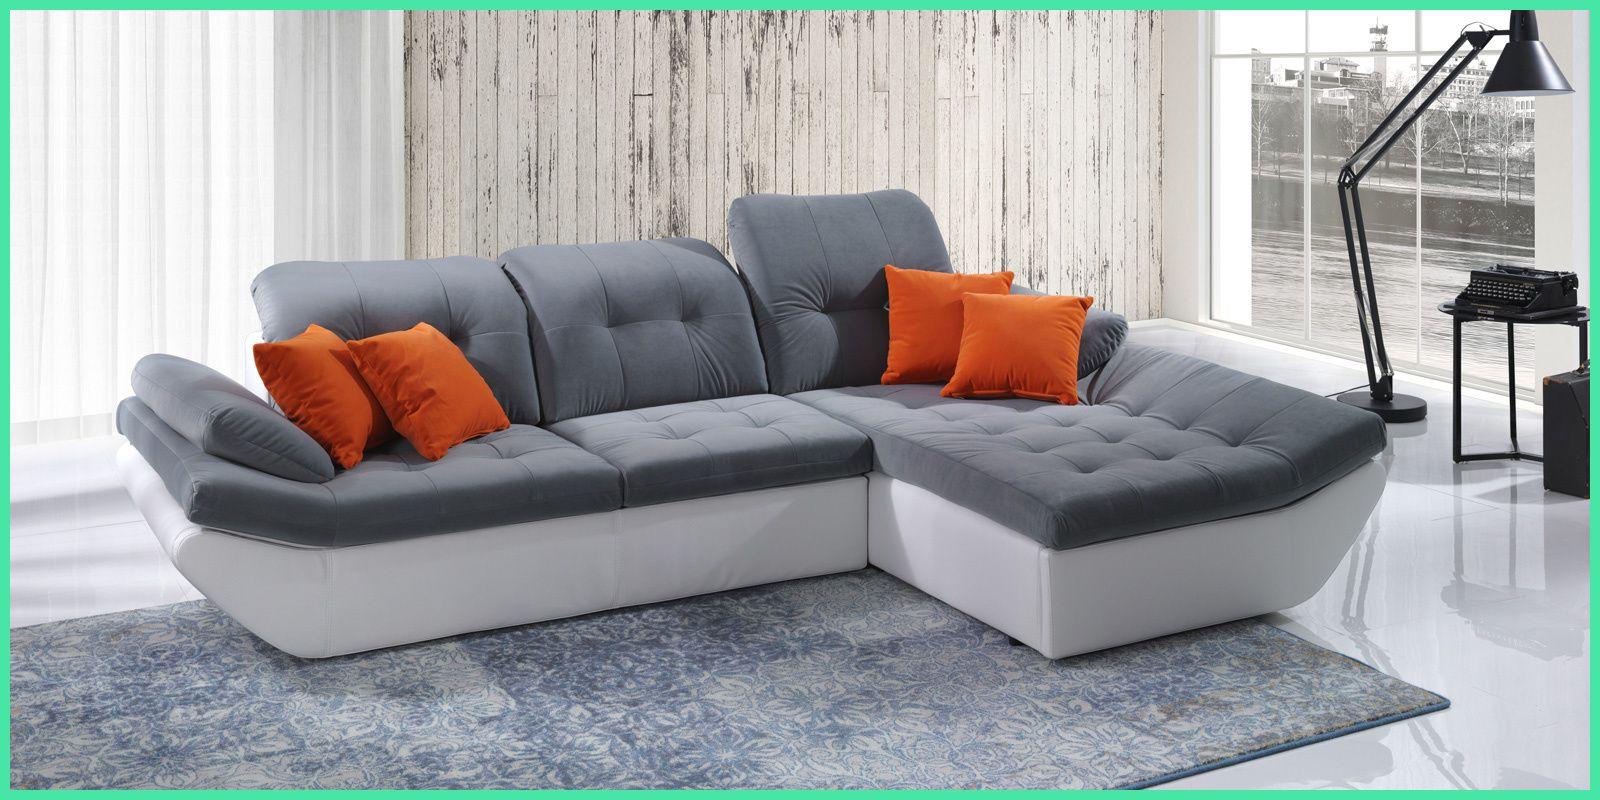 17 Ideen Porta Ecksofa Mit Schlaffunktion Modern Couch Home Decor Couch